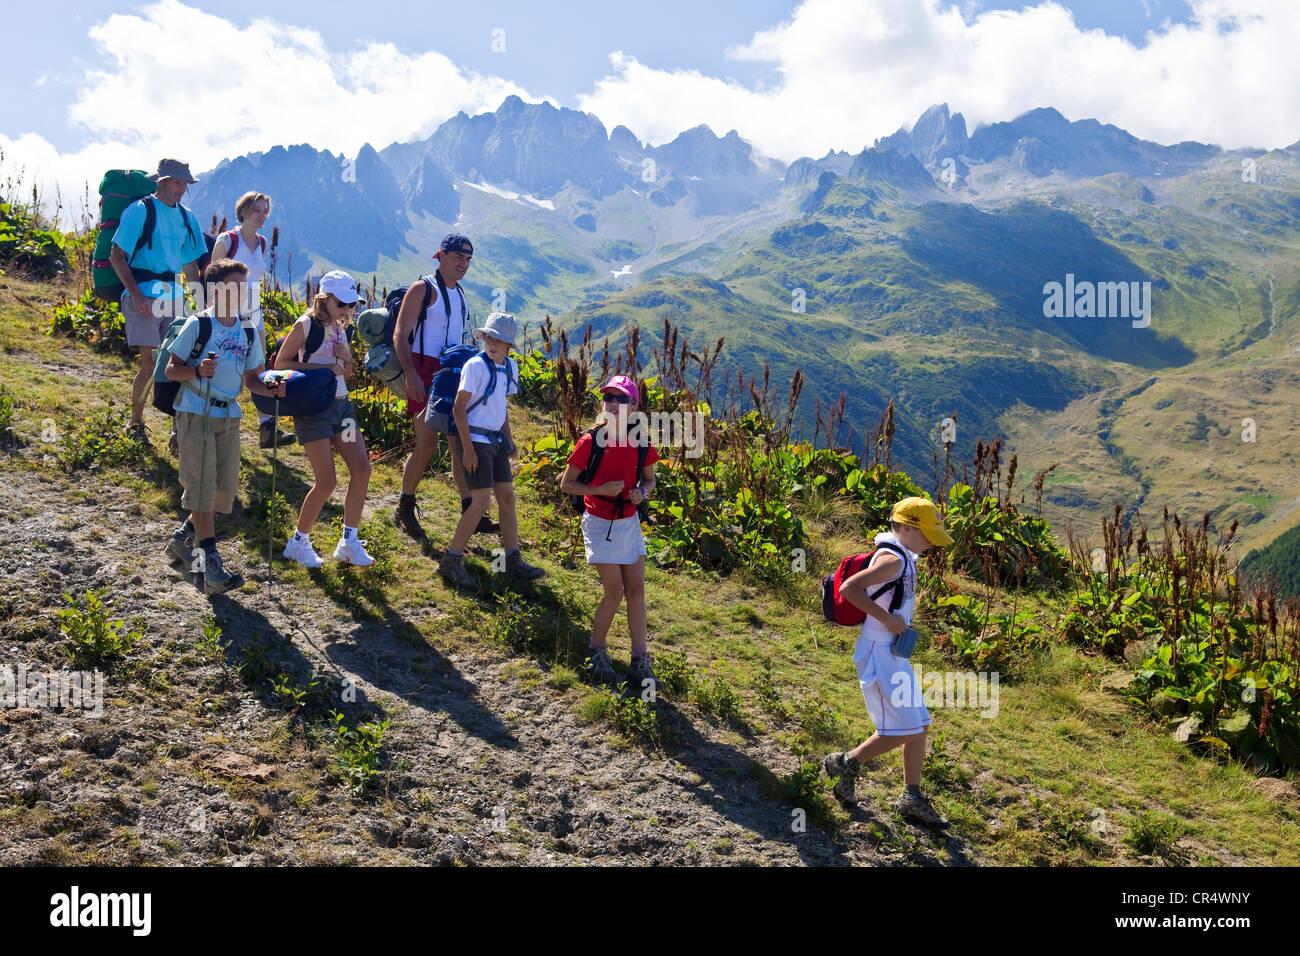 Francia Savoie Valmorel escursione da Montagne de Tete a Cellier seggiovia per accedere Lauziere Massif de la Vanoise Immagini Stock